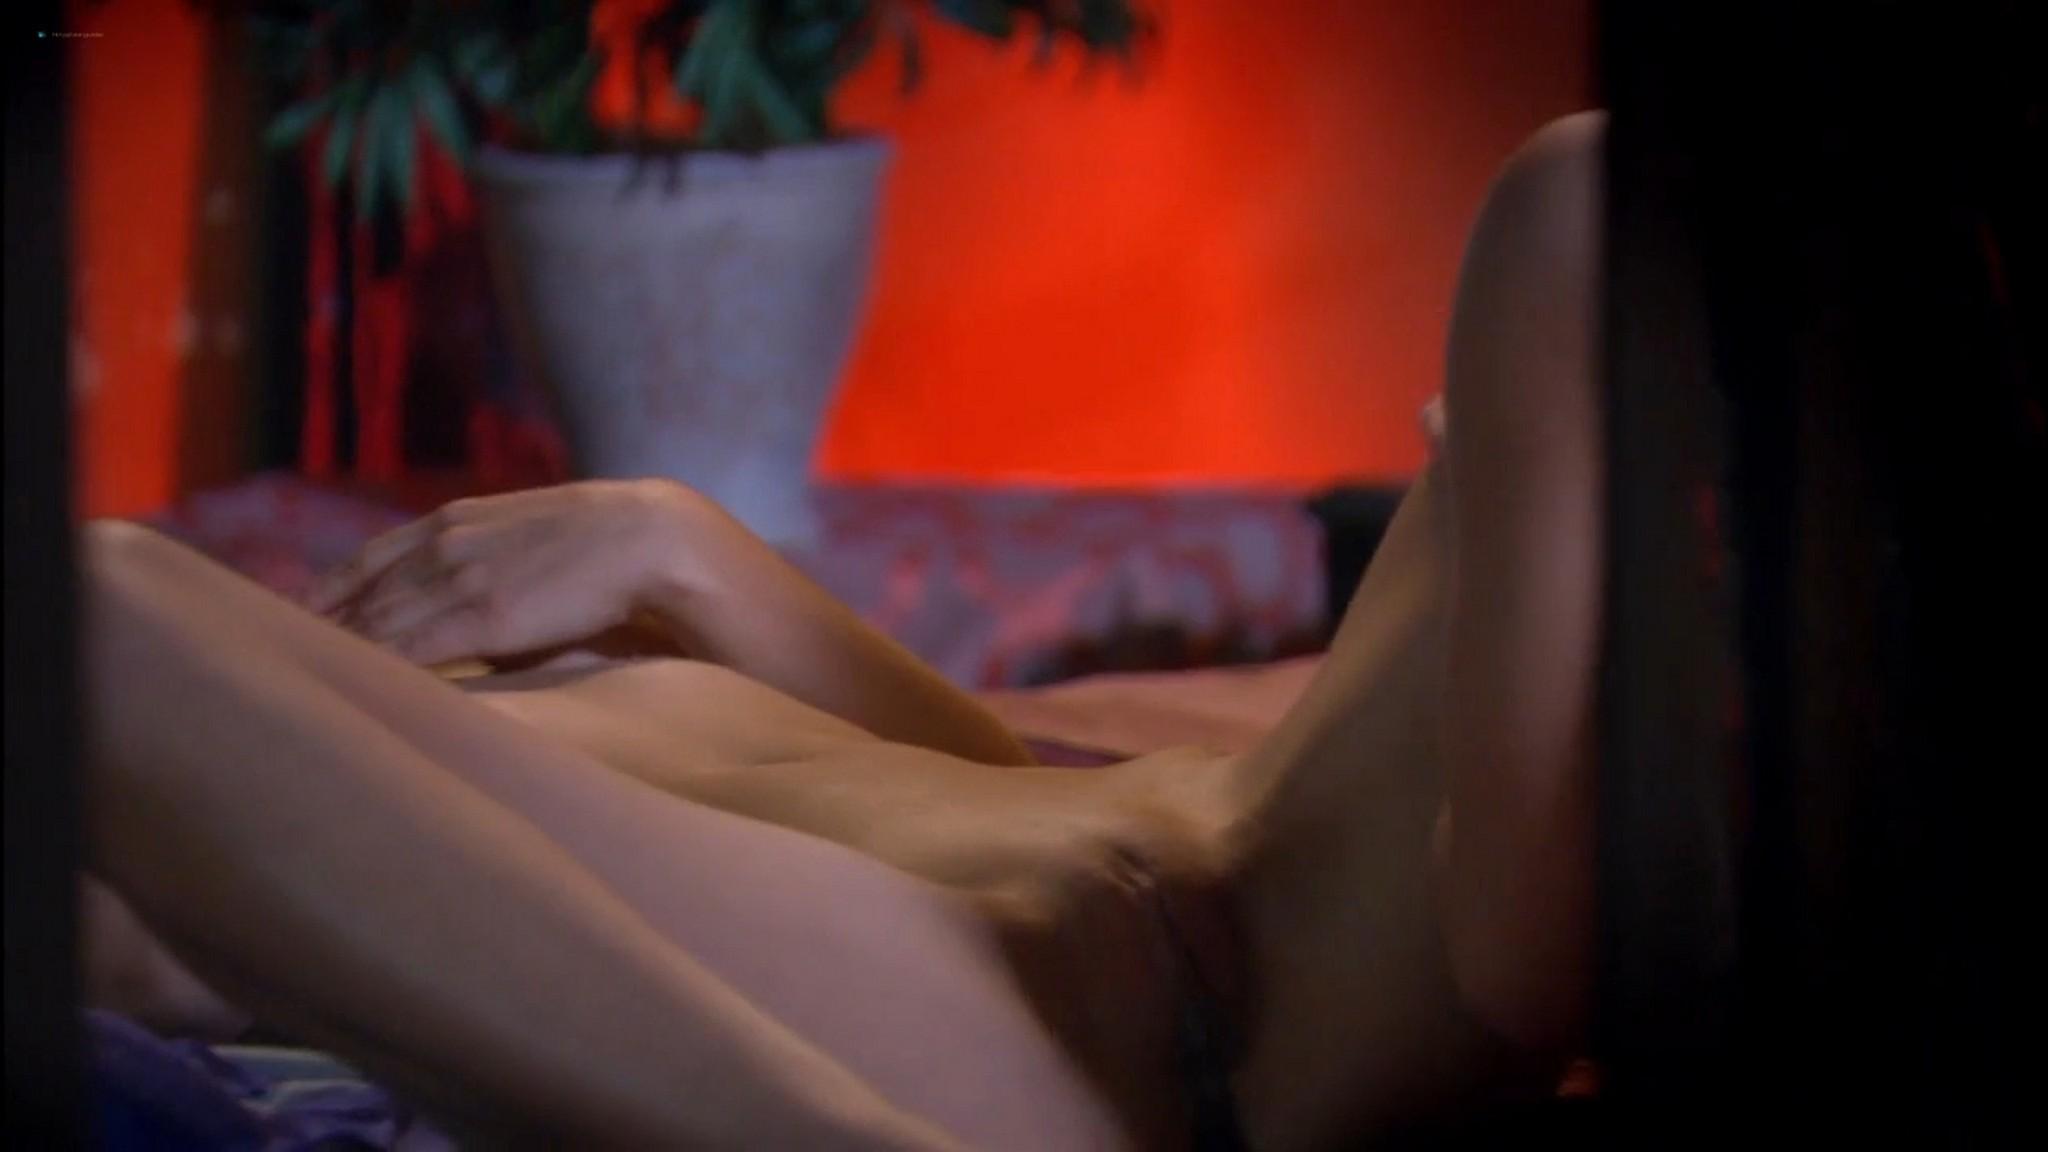 Lana Tailor nude sex Jennifer Korbin, Alyson Bath, and others nude - Lingerie (2009) s1e4 HD 720p (5)